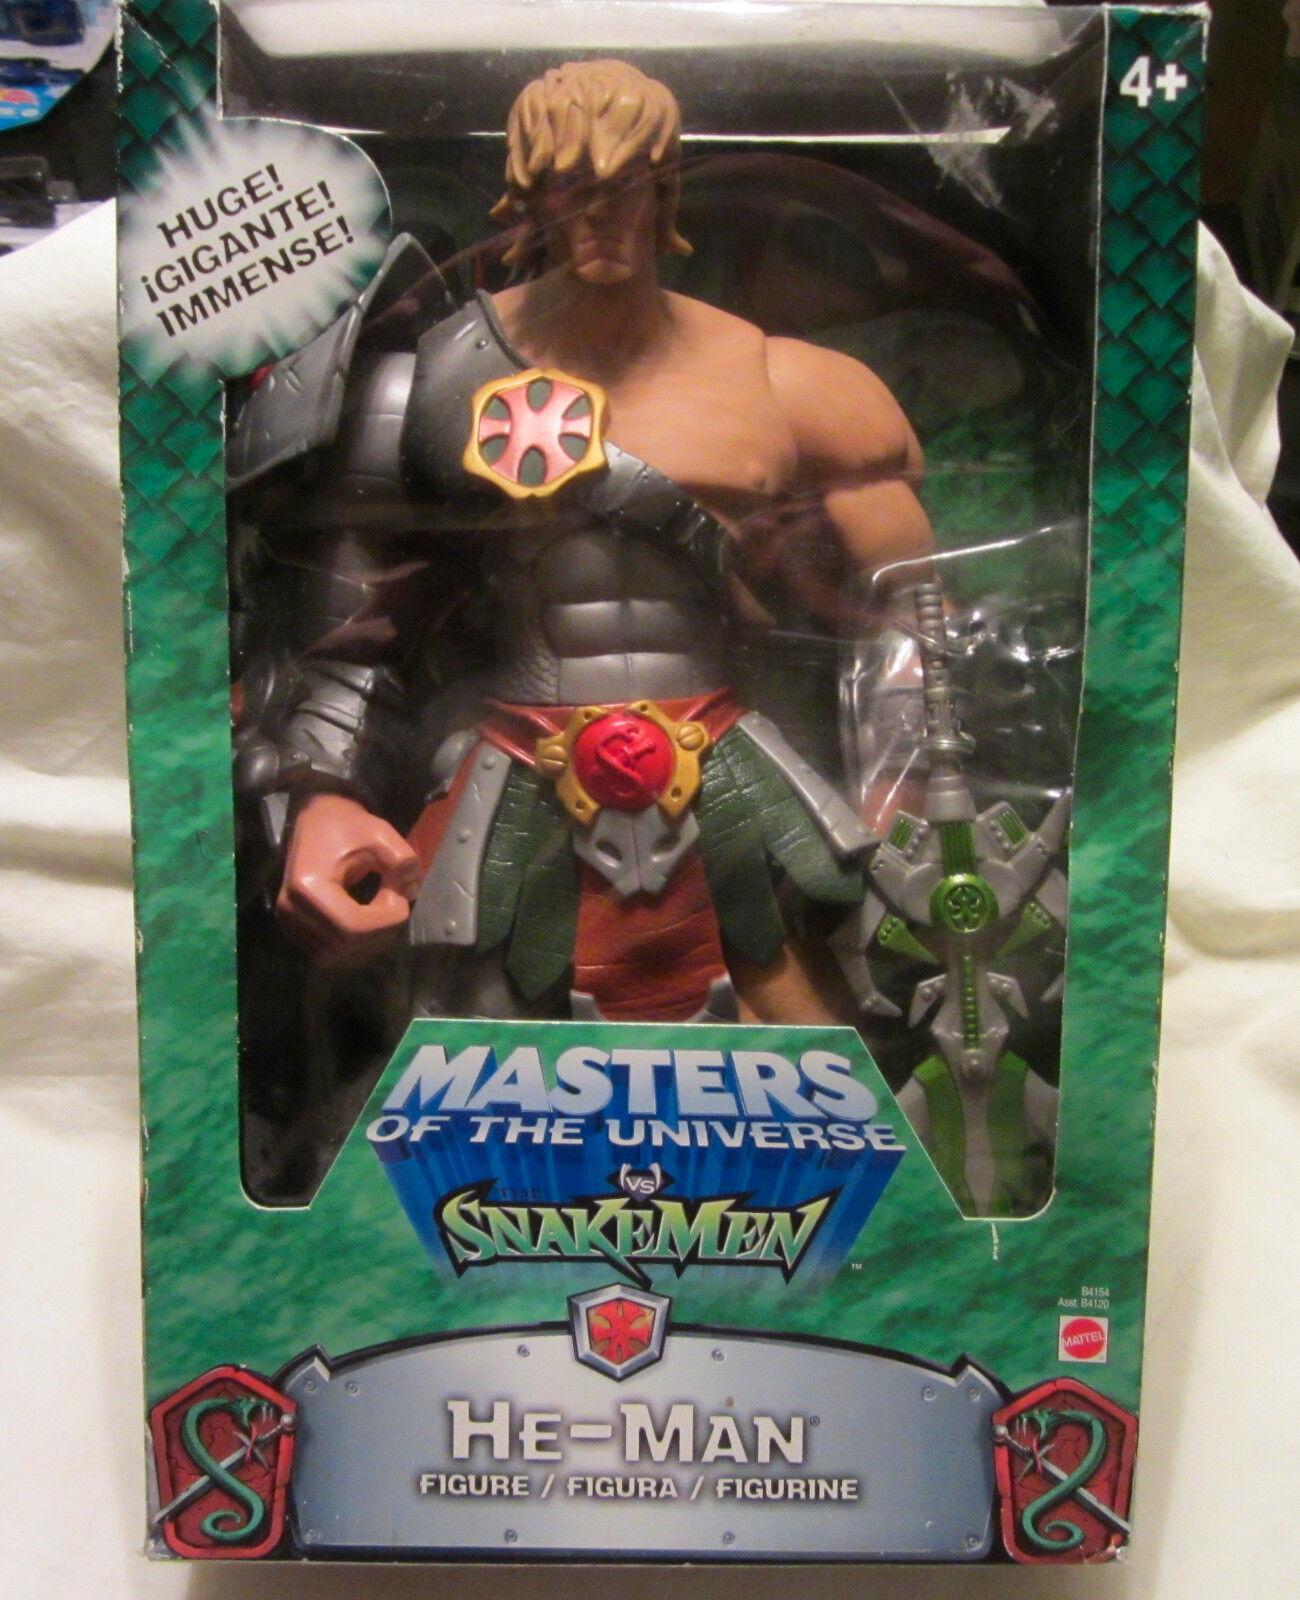 Selten Meister des Universums Vs The Snake Männer - 30.5cm He-Man Figur 2003